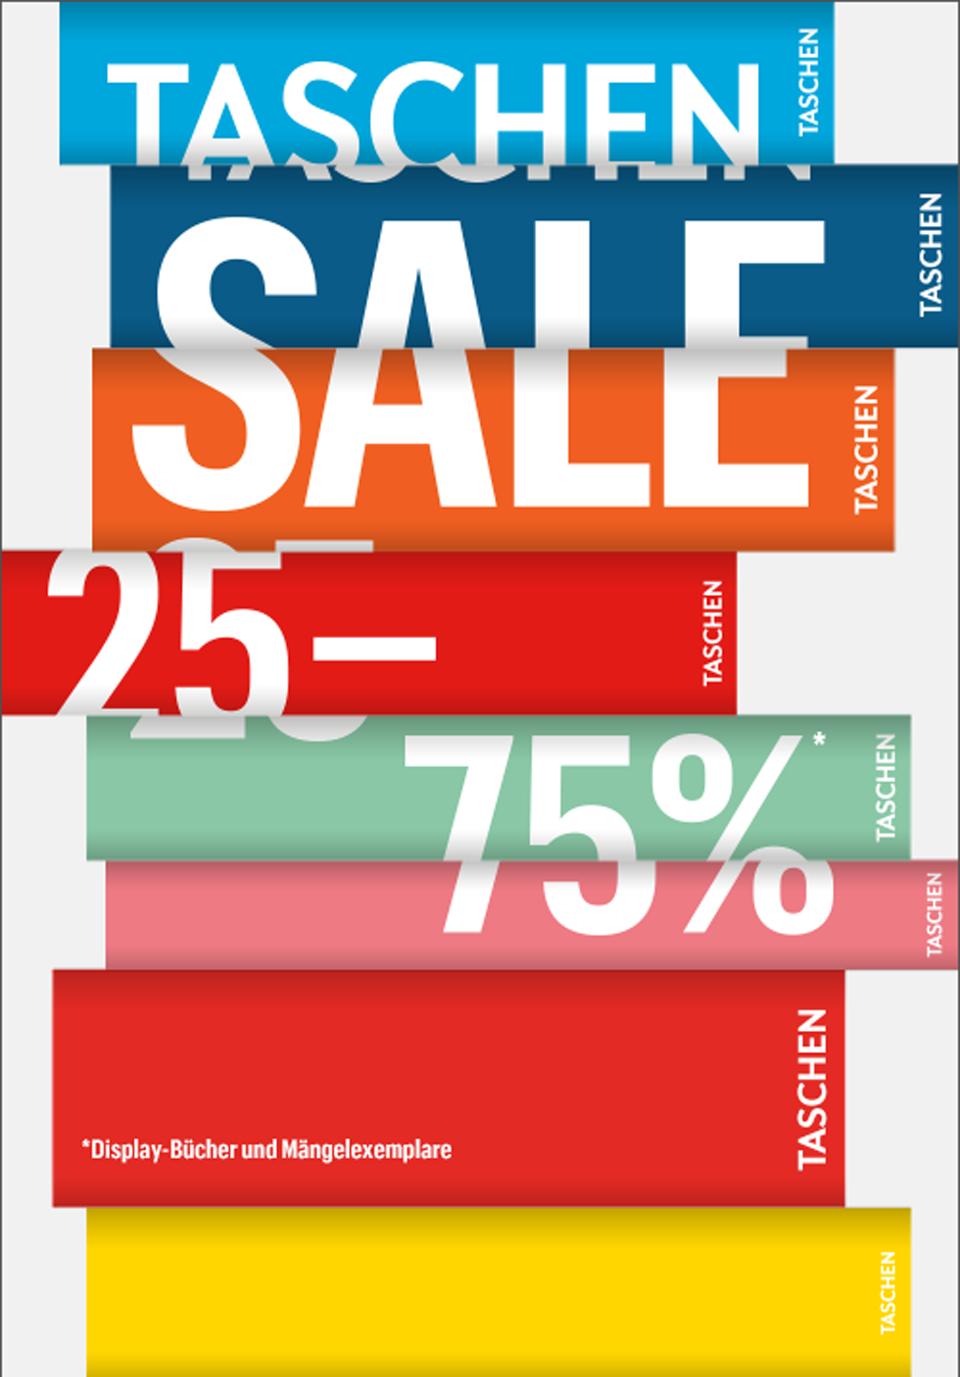 TASCHEN SALE Januar 2019, Sale beim TASCHEN Verlag, Rabatte auf Bücher und Bildbände, Schnäppchen für Bücherwürmer, Schäppchen für Buchliebhaber